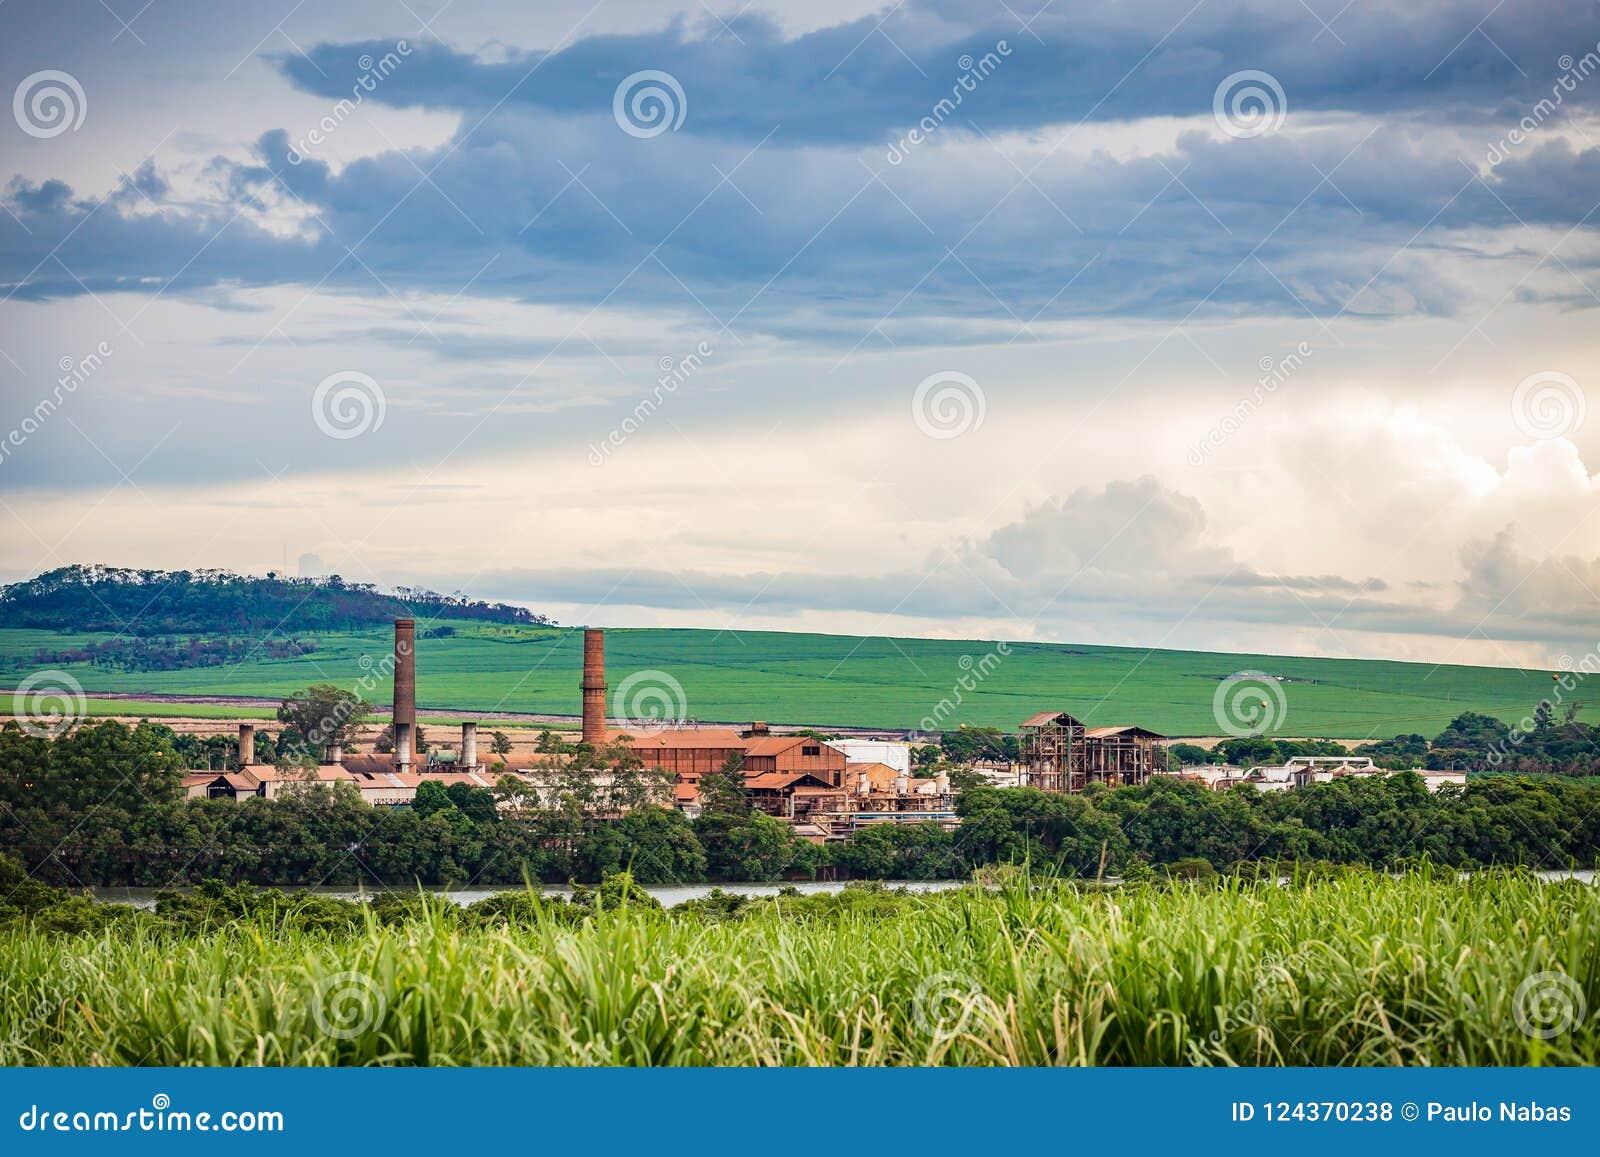 Industria della fabbrica della canna da zucchero - Sao Paulo, Brasile